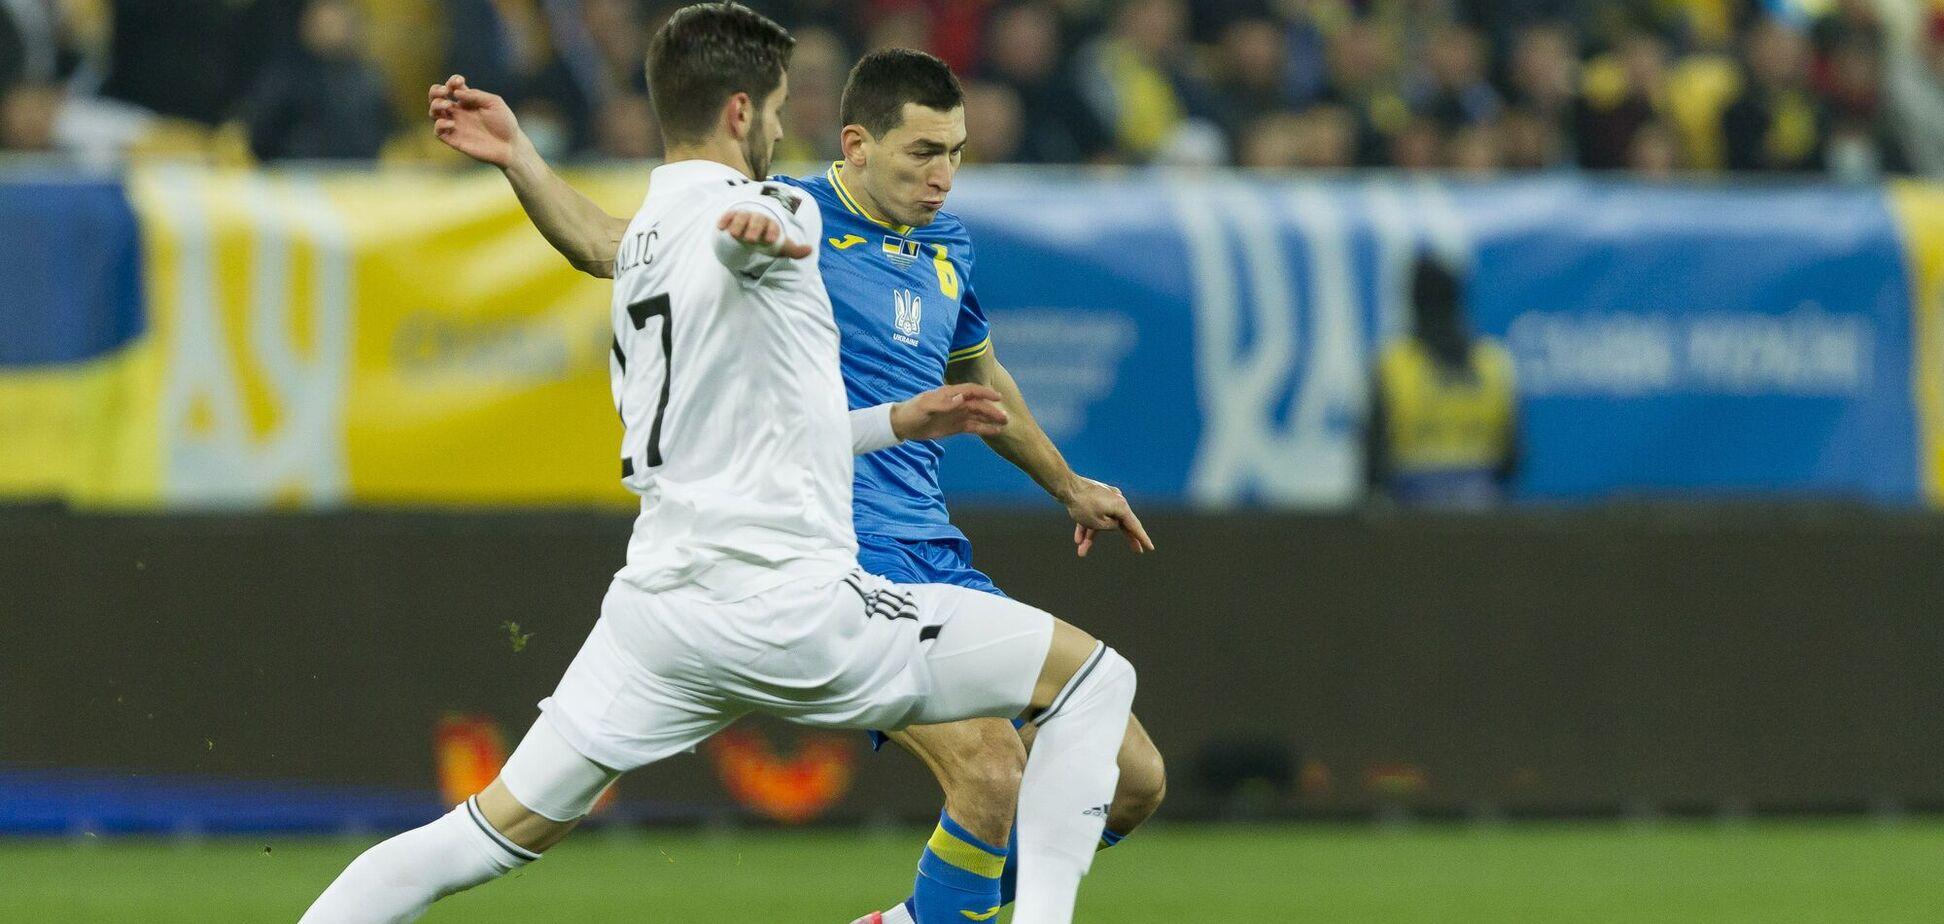 Степаненко знайшов дивну причину невдачі збірної України в матчі з Боснією